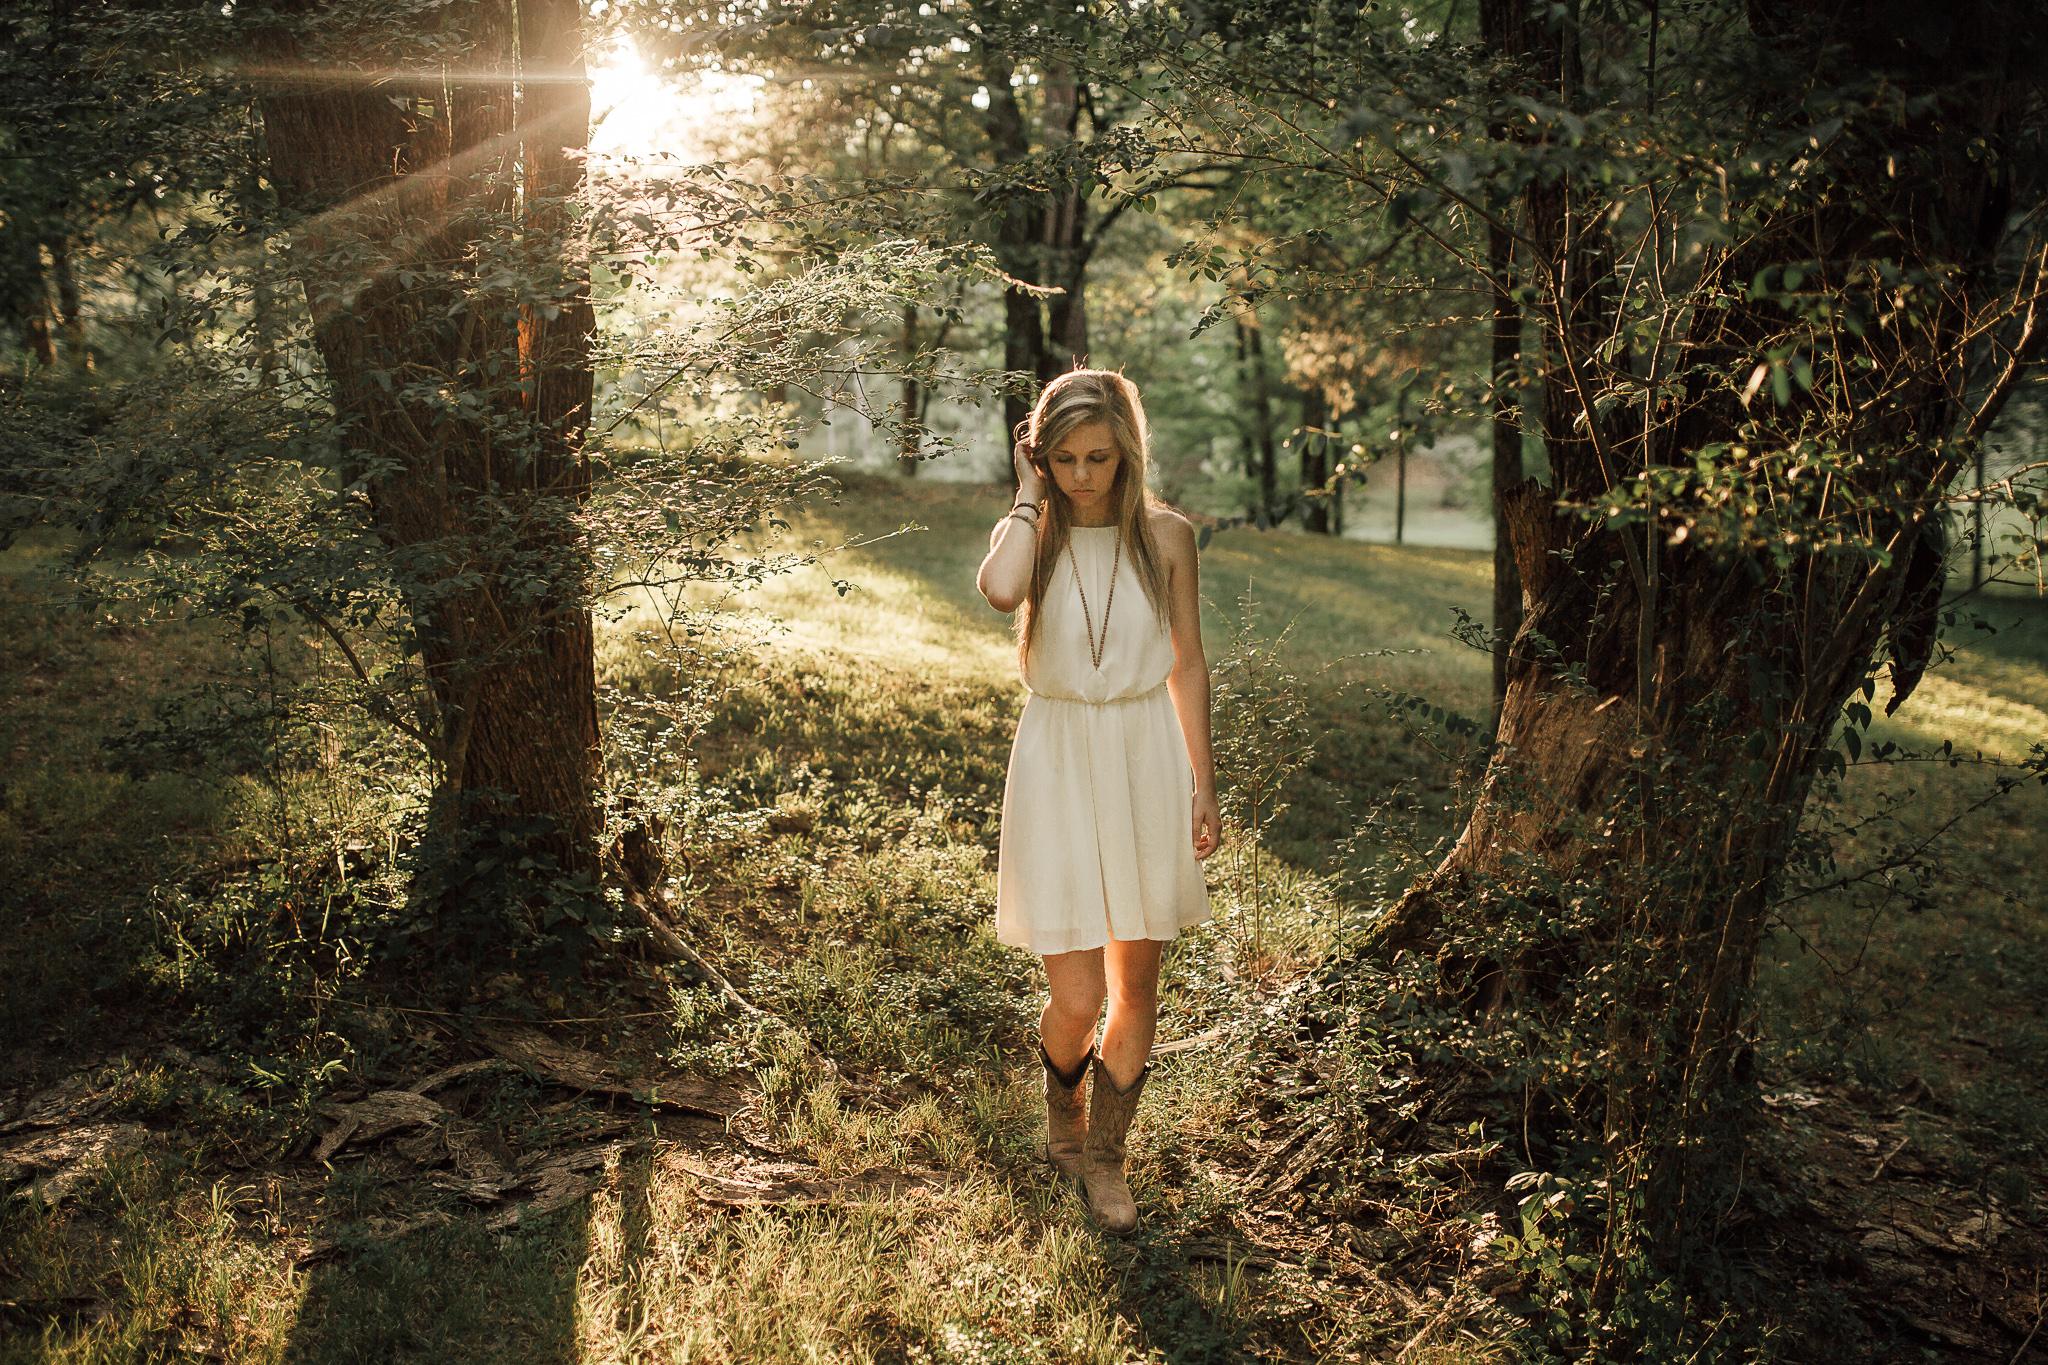 cassie-cook-photography-memphis-senior-portrait-photographer-outdoors-senior-pictures